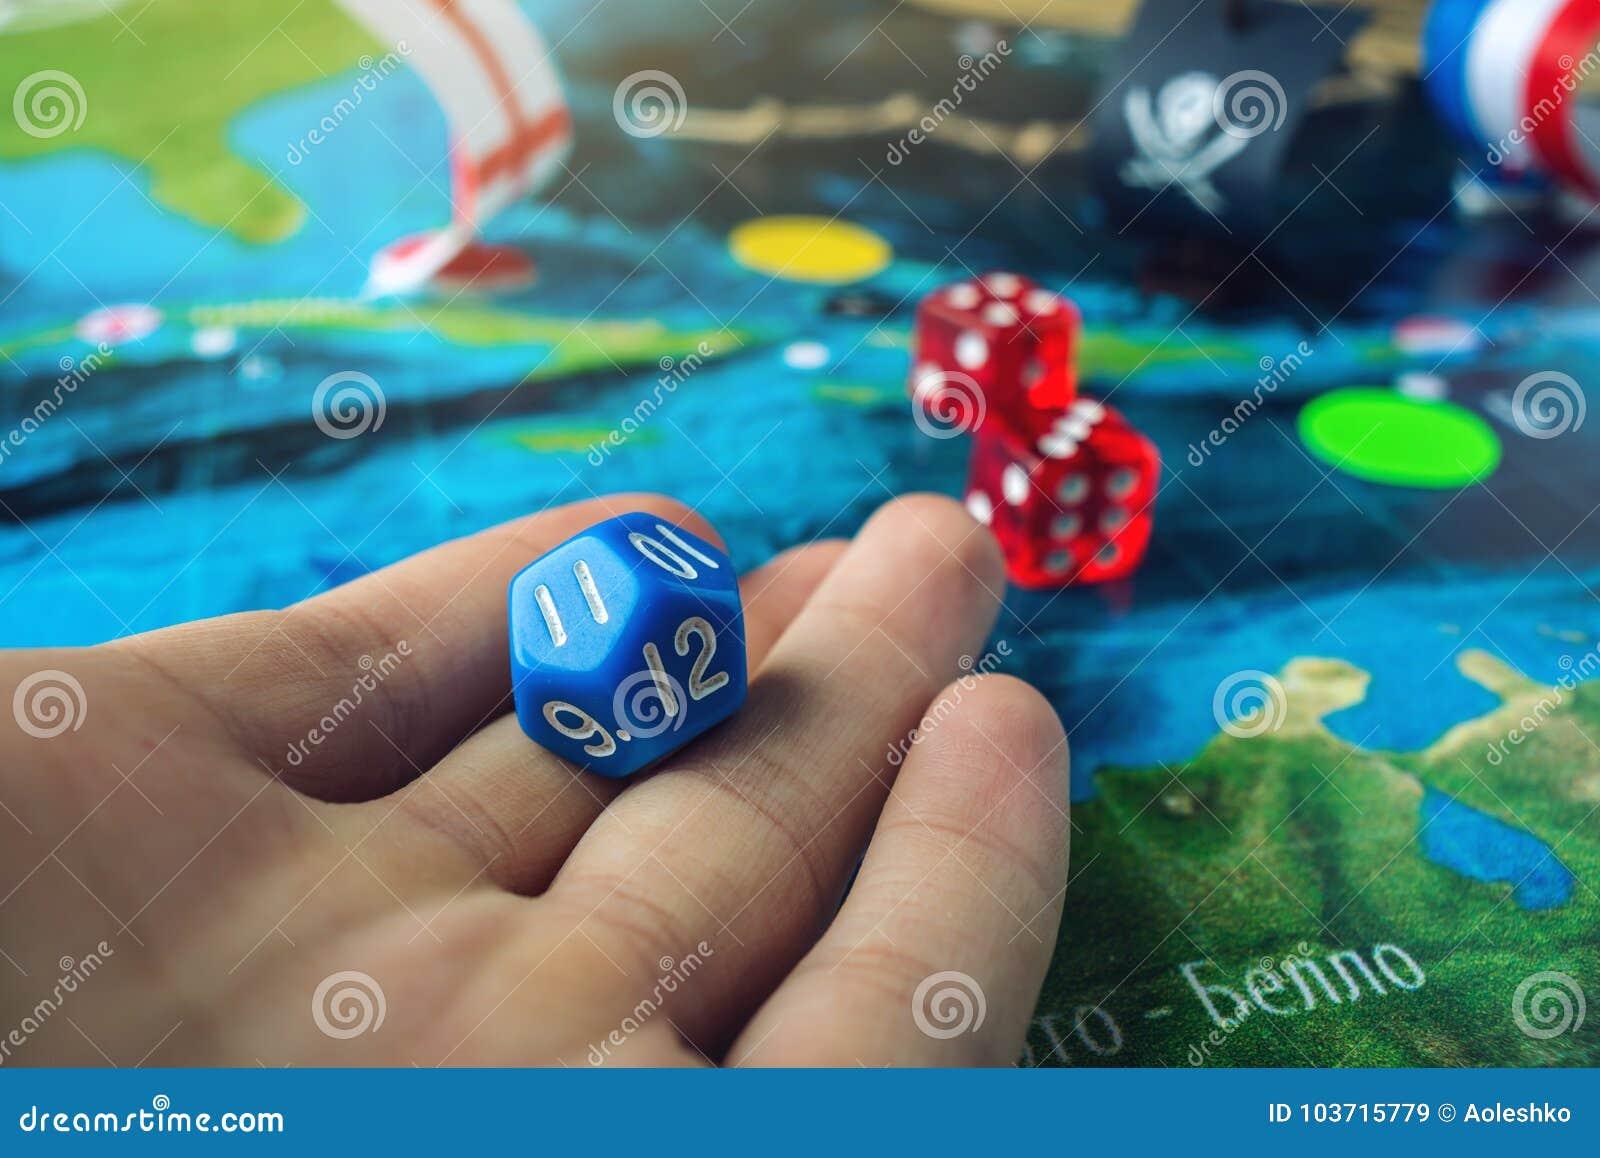 La Mano Rueda Los Dados Azules En El Mapa Del Mundo De Los Juegos De